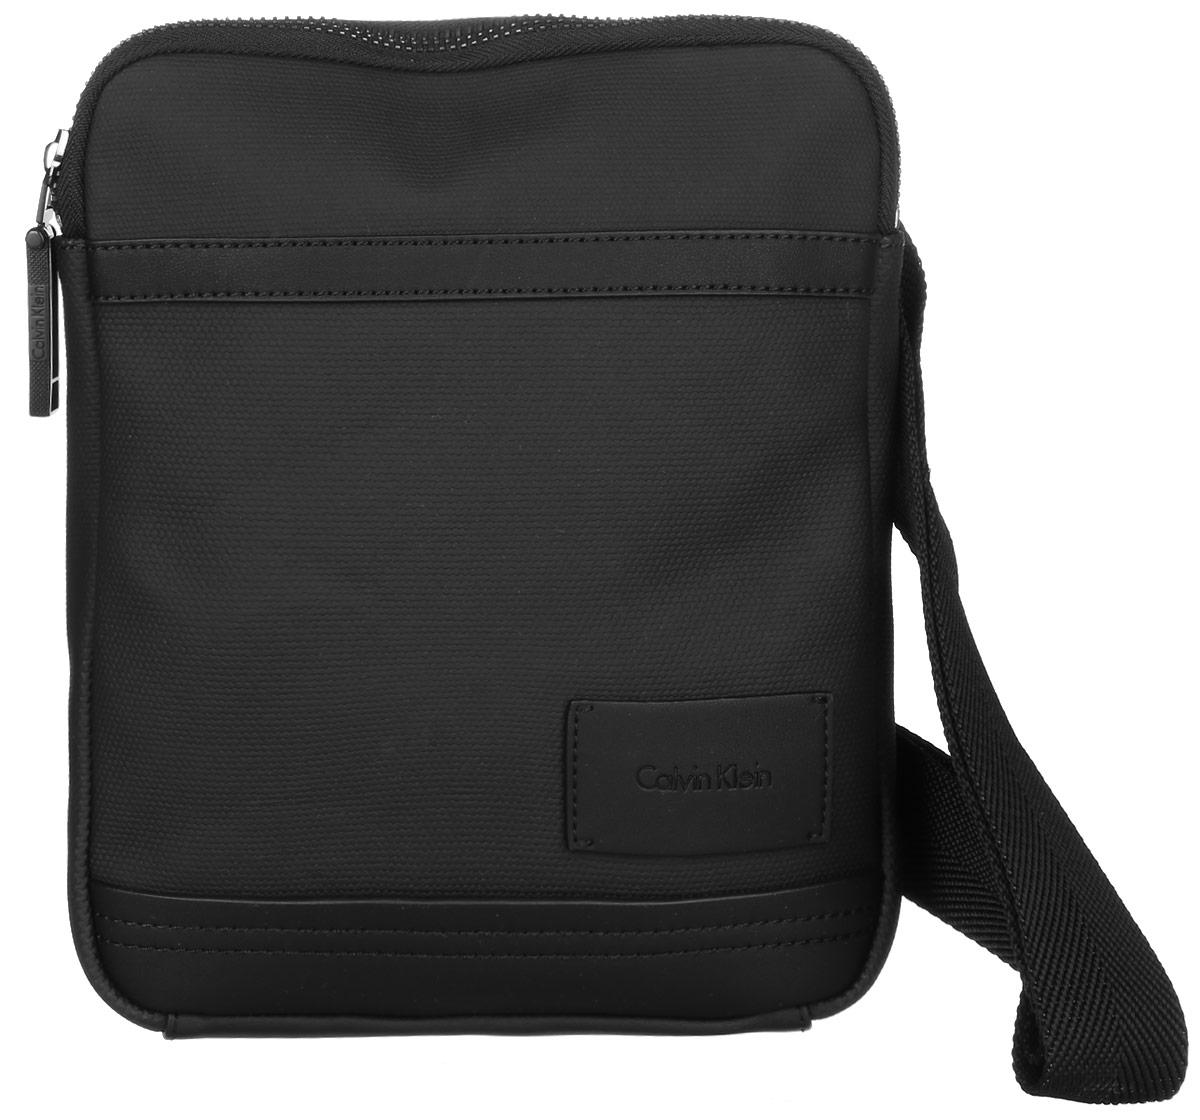 Сумка мужская Calvin Klein Jeans, цвет: черный. K50K502029_001K50K502029_001Стильная сумка Calvin Klein Jeans выполнена из искусственной кожи, оформлена нашивкой с названием бренда. Изделие содержит одно большое отделение, которое закрывается на застежку-молнию. Внутри сумки размещено два накладных кармашка для мелочей и один прорезной на застежке-молнии. Сзади расположен один накладной карман на липучке. Сумка оснащена плечевым ремнем регулируемой длины. В комплекте с изделием поставляется чехол для хранения.